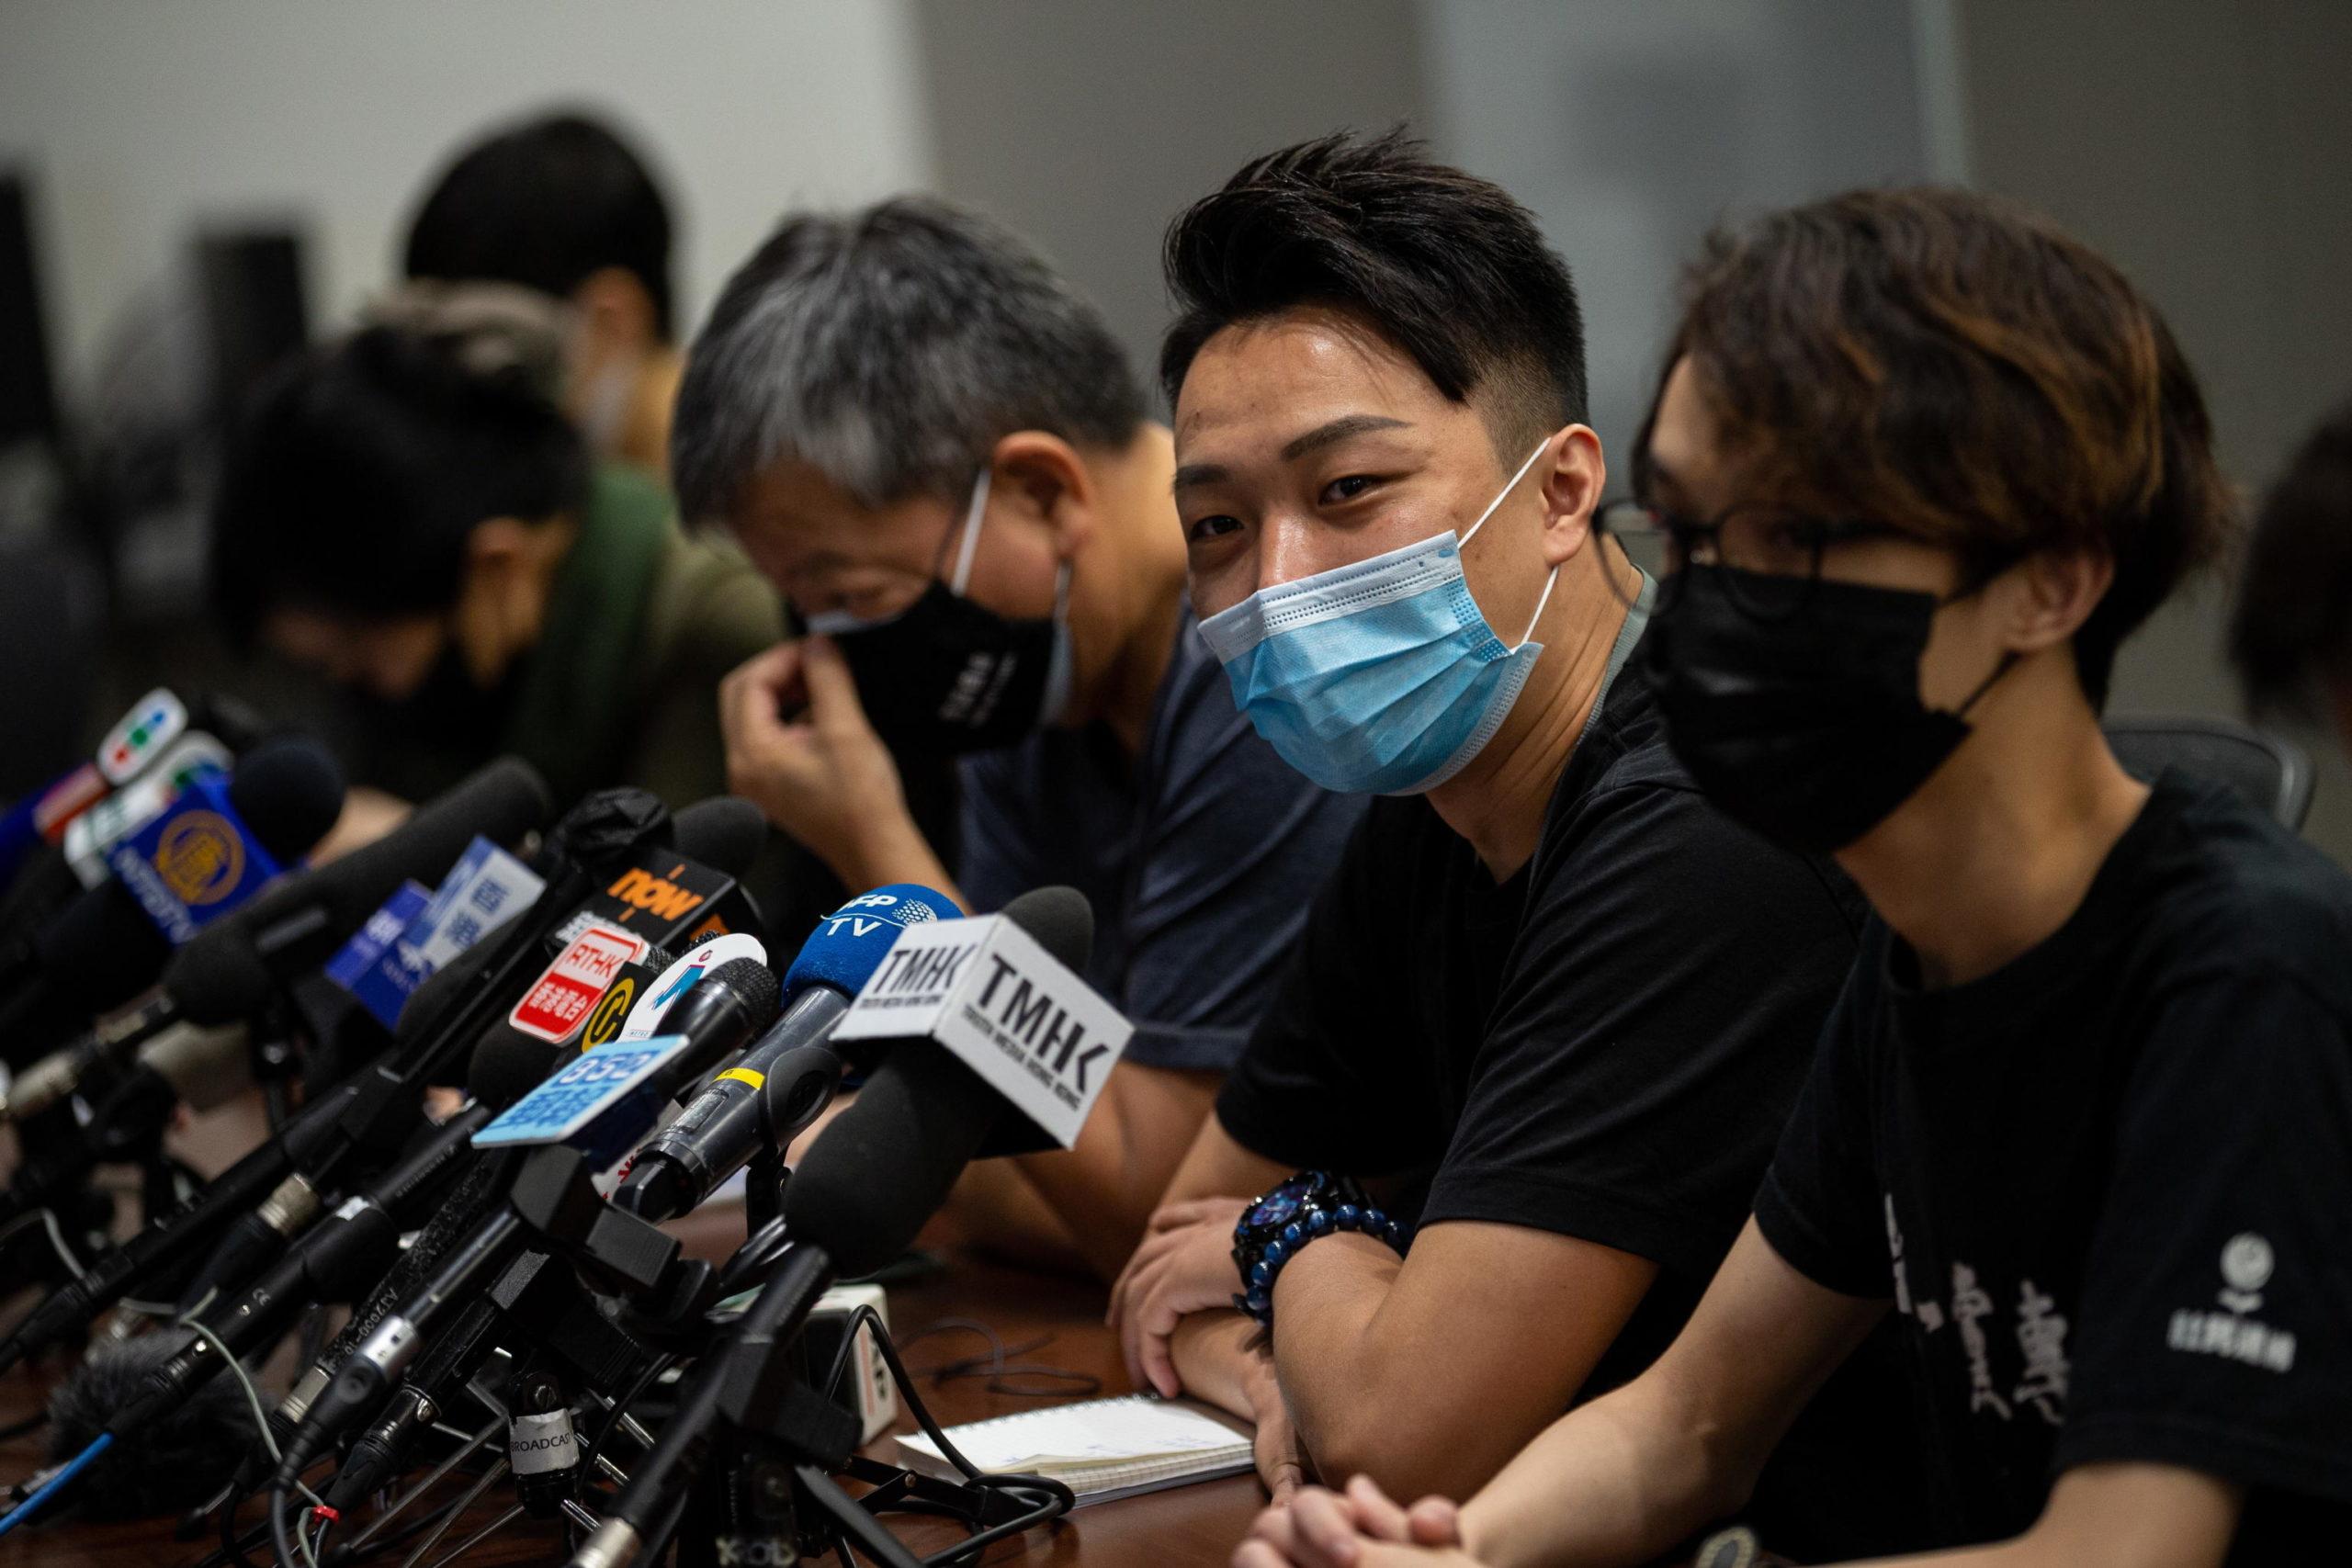 Conferenza stampa degli attivisti pro-democrazia a Hong Kong contro le nuove leggi in materia di sicurezza nazionale